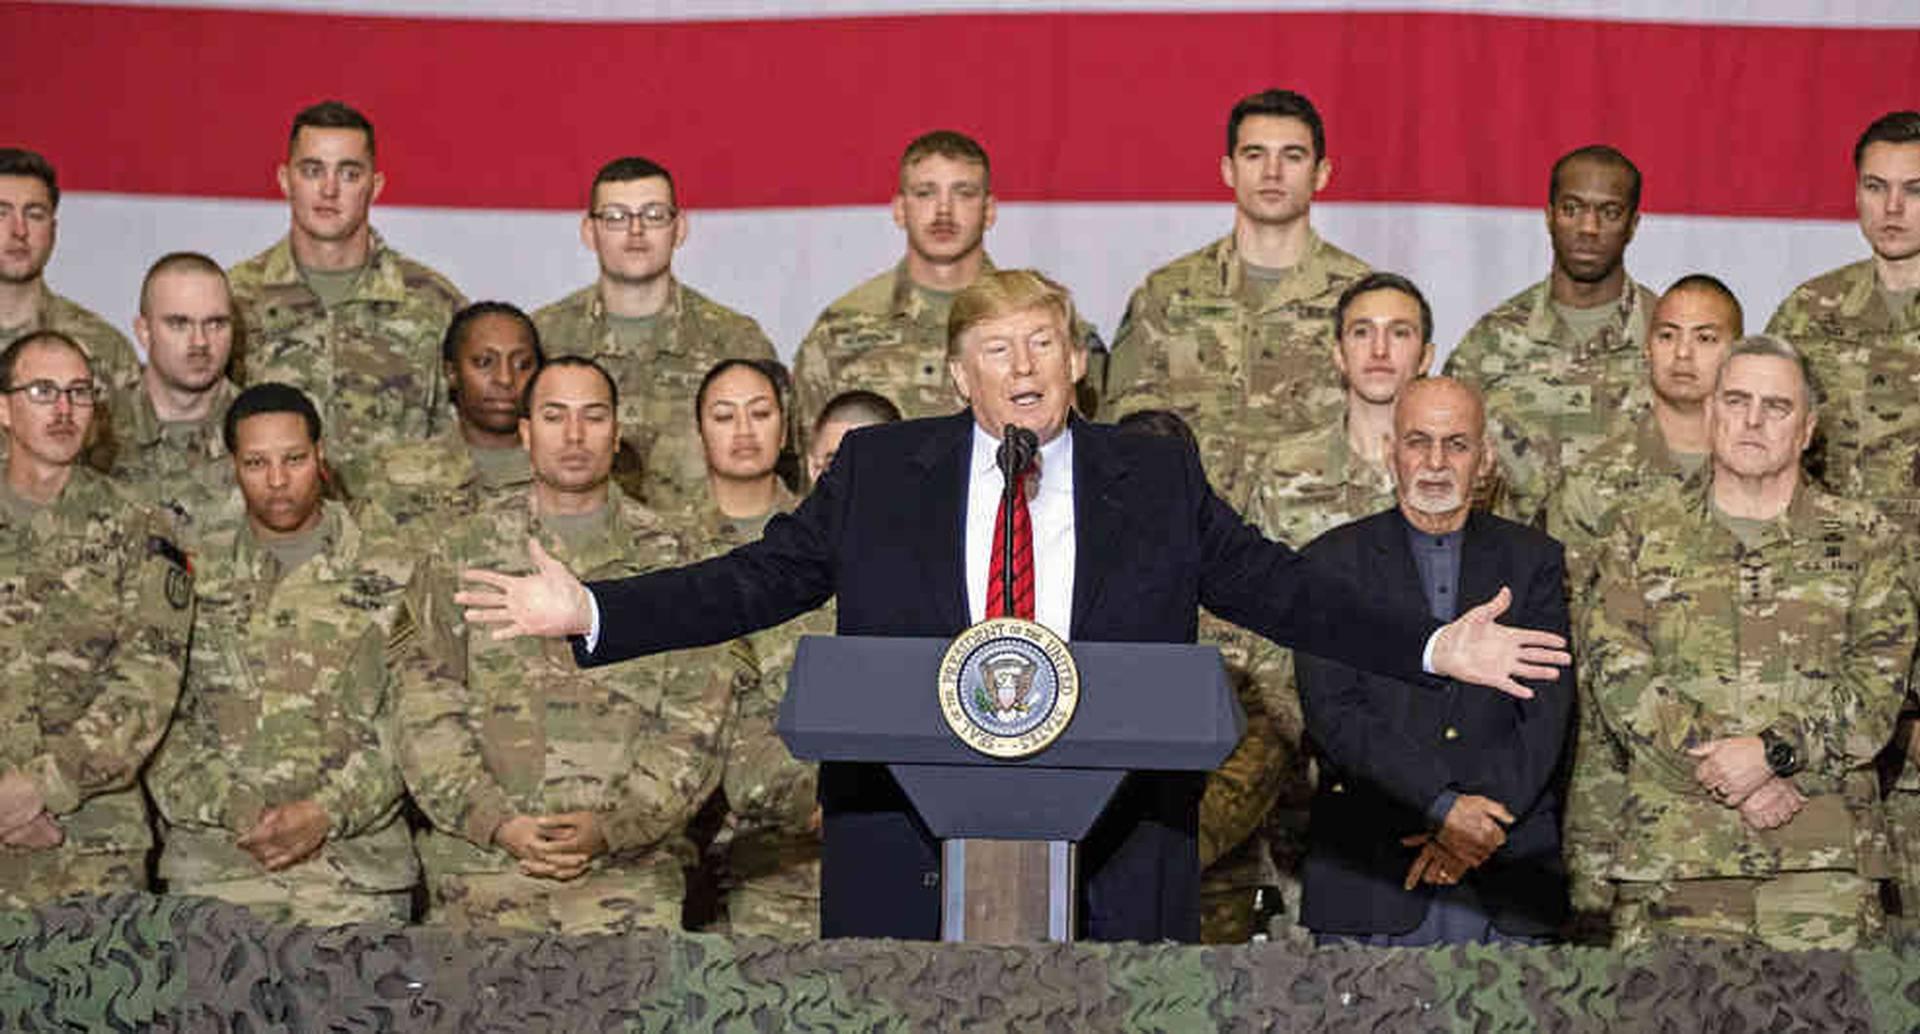 Por medio de un trino, el mandatario estadounidense alegó que los líderes iraníes no están tan afectados por la muerte de Soleimani, como le hacen creer al mundo, y que nunca van a reconocer que era odiado y temido en su país.